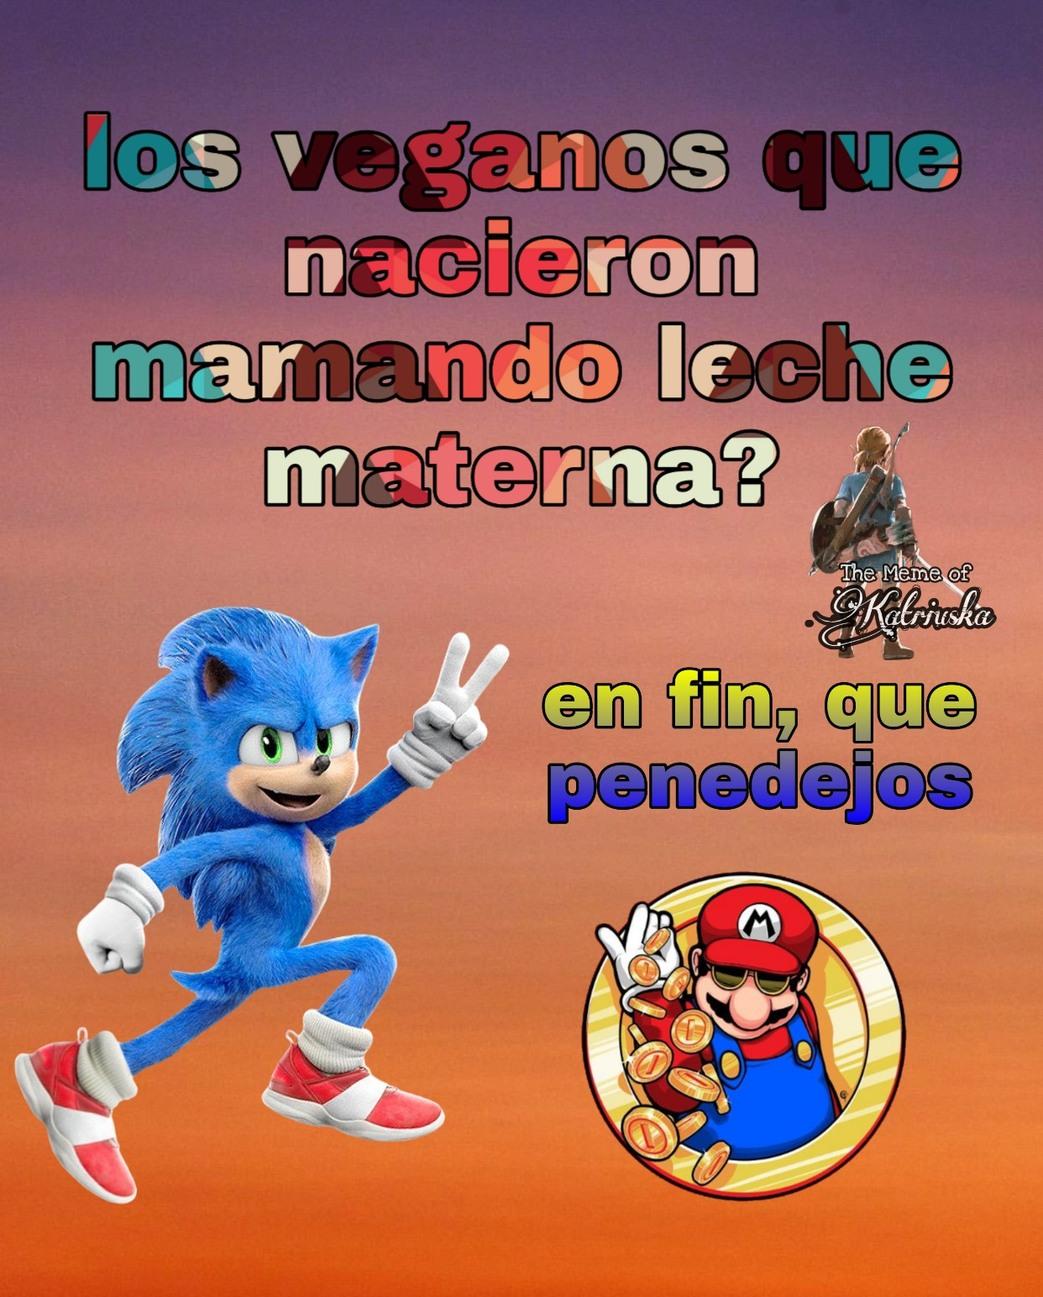 LOS VERGANOS Shitpost - meme